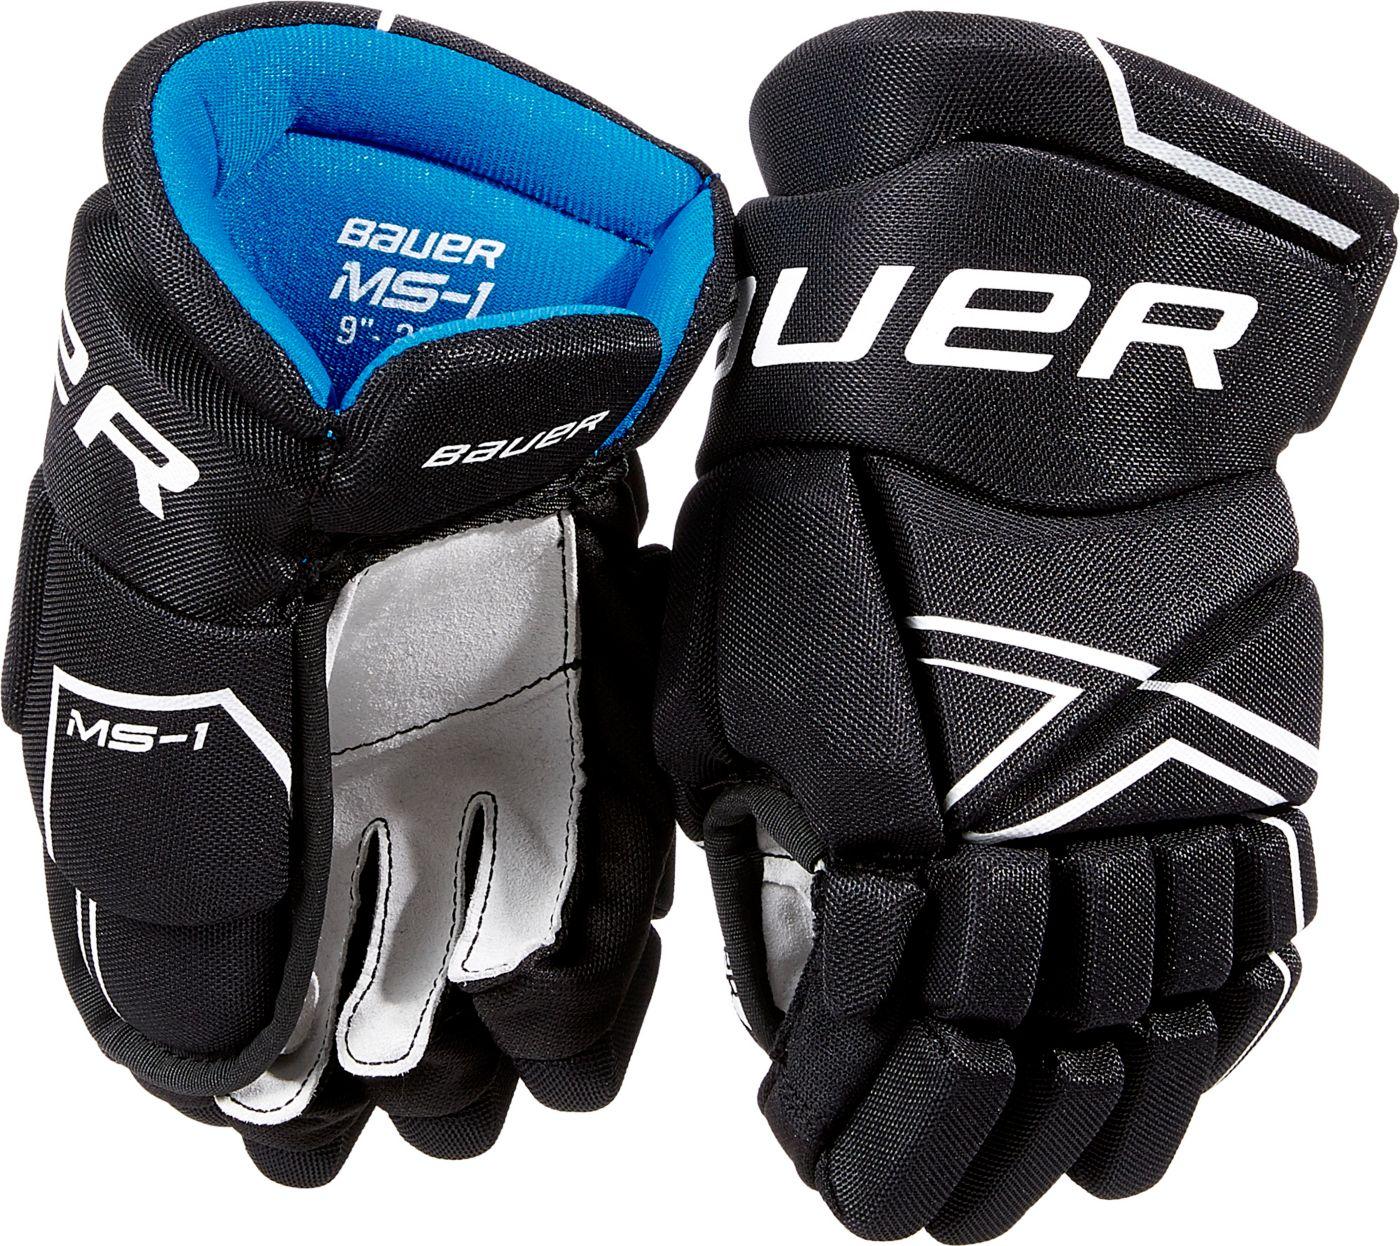 Bauer Junior MS1 Ice Hockey Gloves